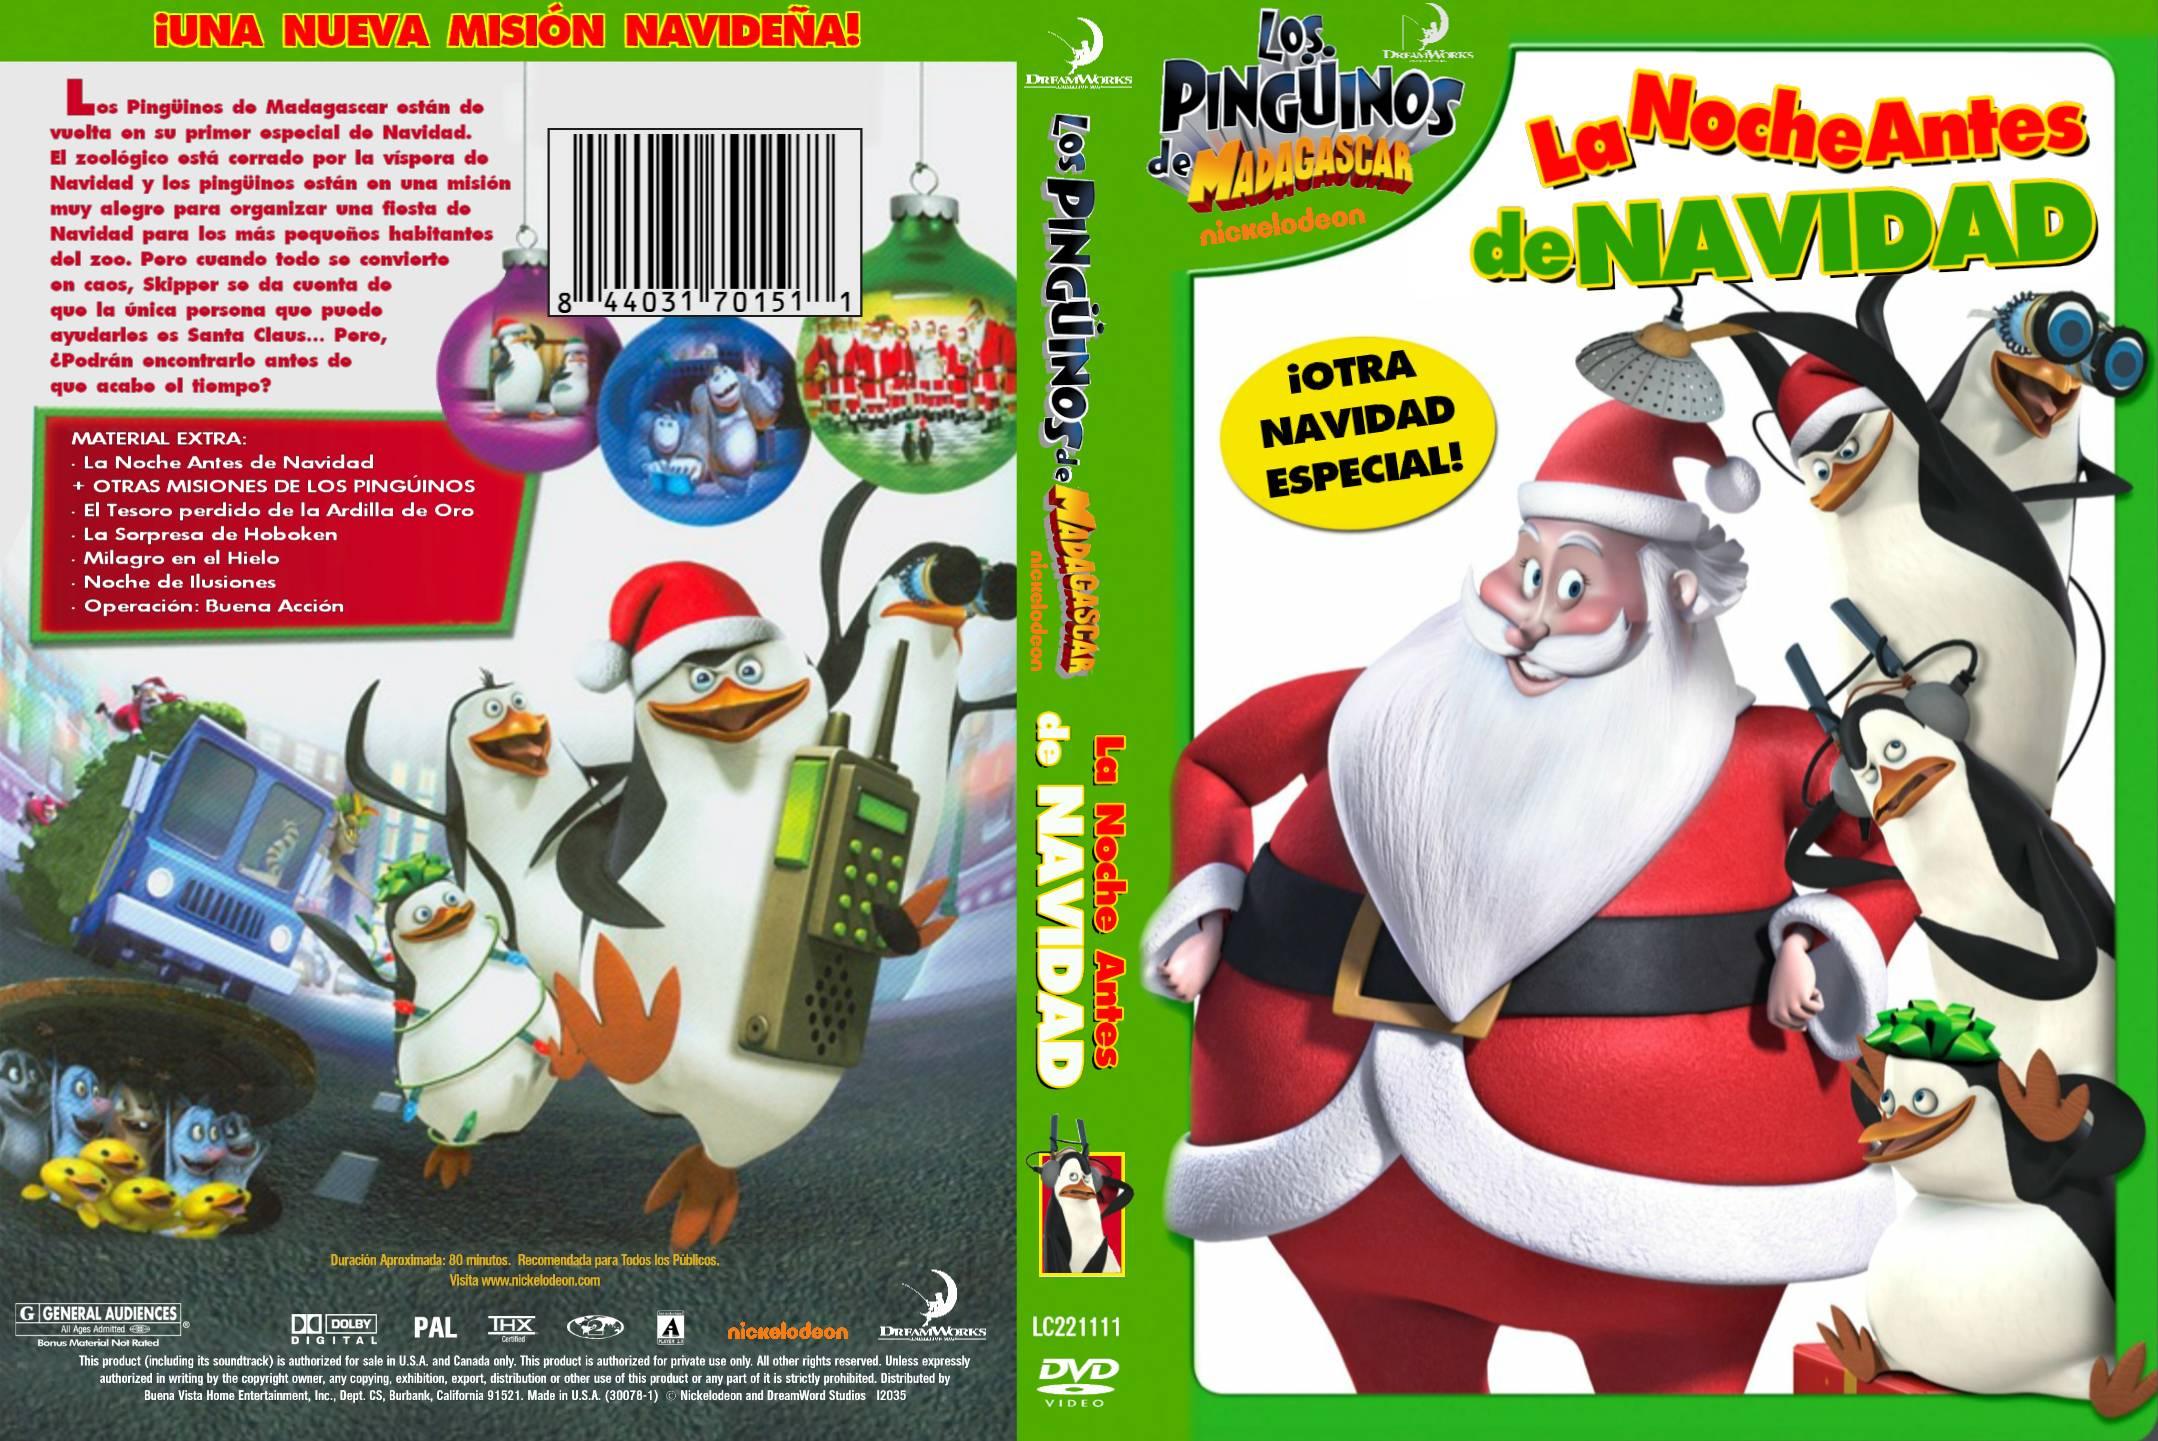 Ver Pinguinos de Madagascar en Navidad online y gratis   Peliculascom